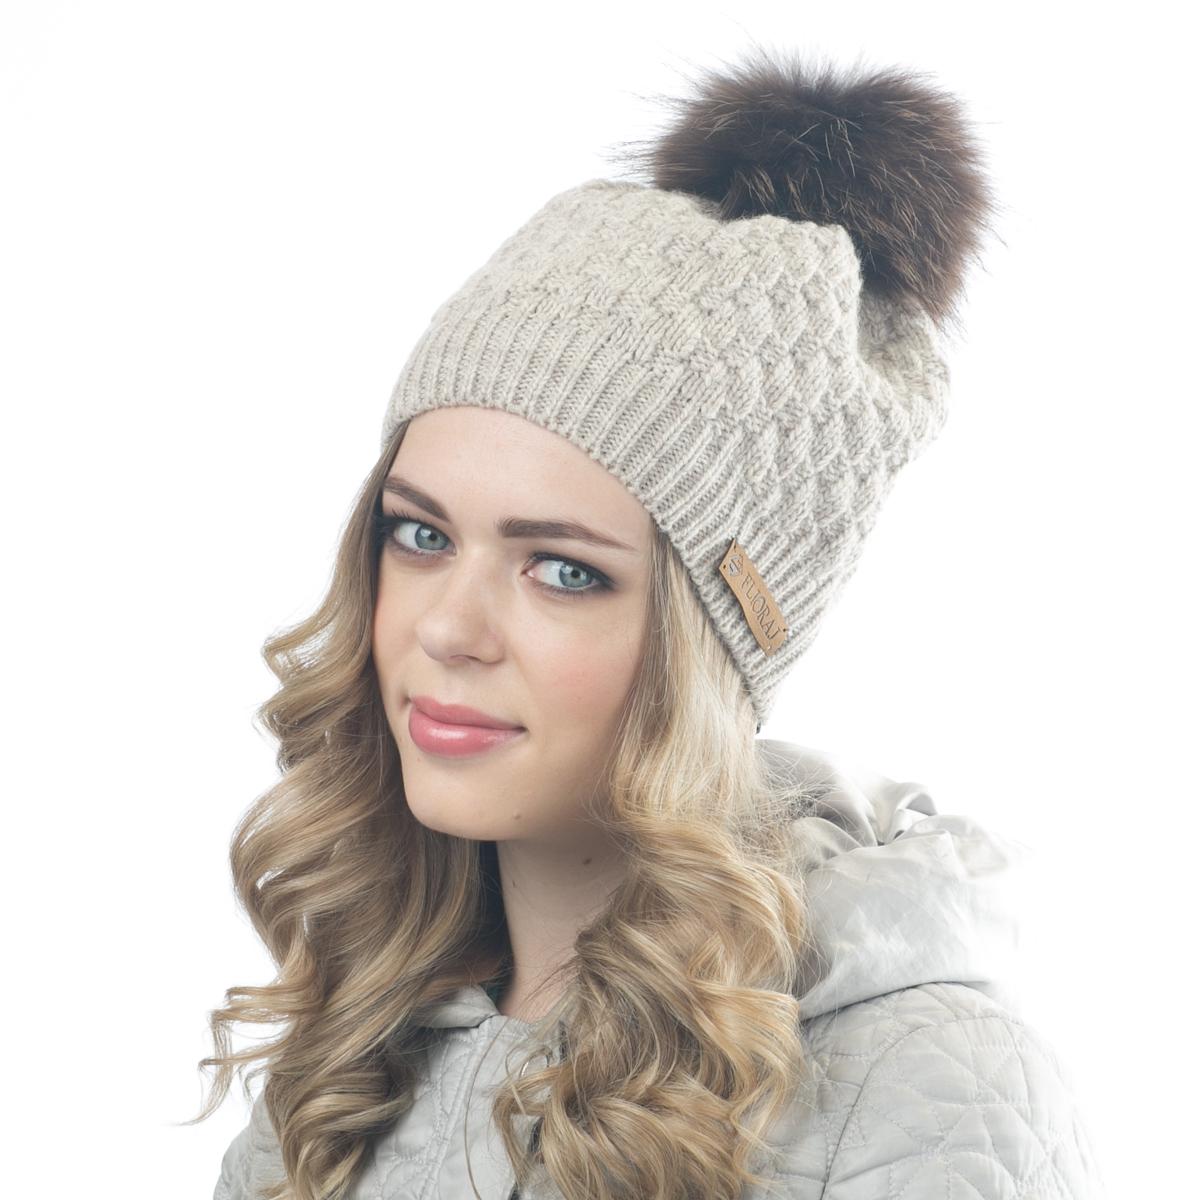 Шапка женская Flioraj, цвет: бежевый. 01/2FJ. Размер 56/5801/2FJСтильная теплая шапка от Flioraj, связанная из овечьей шерсти и шерсти горной альпаки, отлично согреет в холодную погоду. Состав пряжи делает изделие мягким, теплым и комфортным. Модель выполнена рельефной вязкой, украшена нашивкой из натуральной кожи и меховым крашеным помпоном из енота. Оттенок помпона может отличаться.